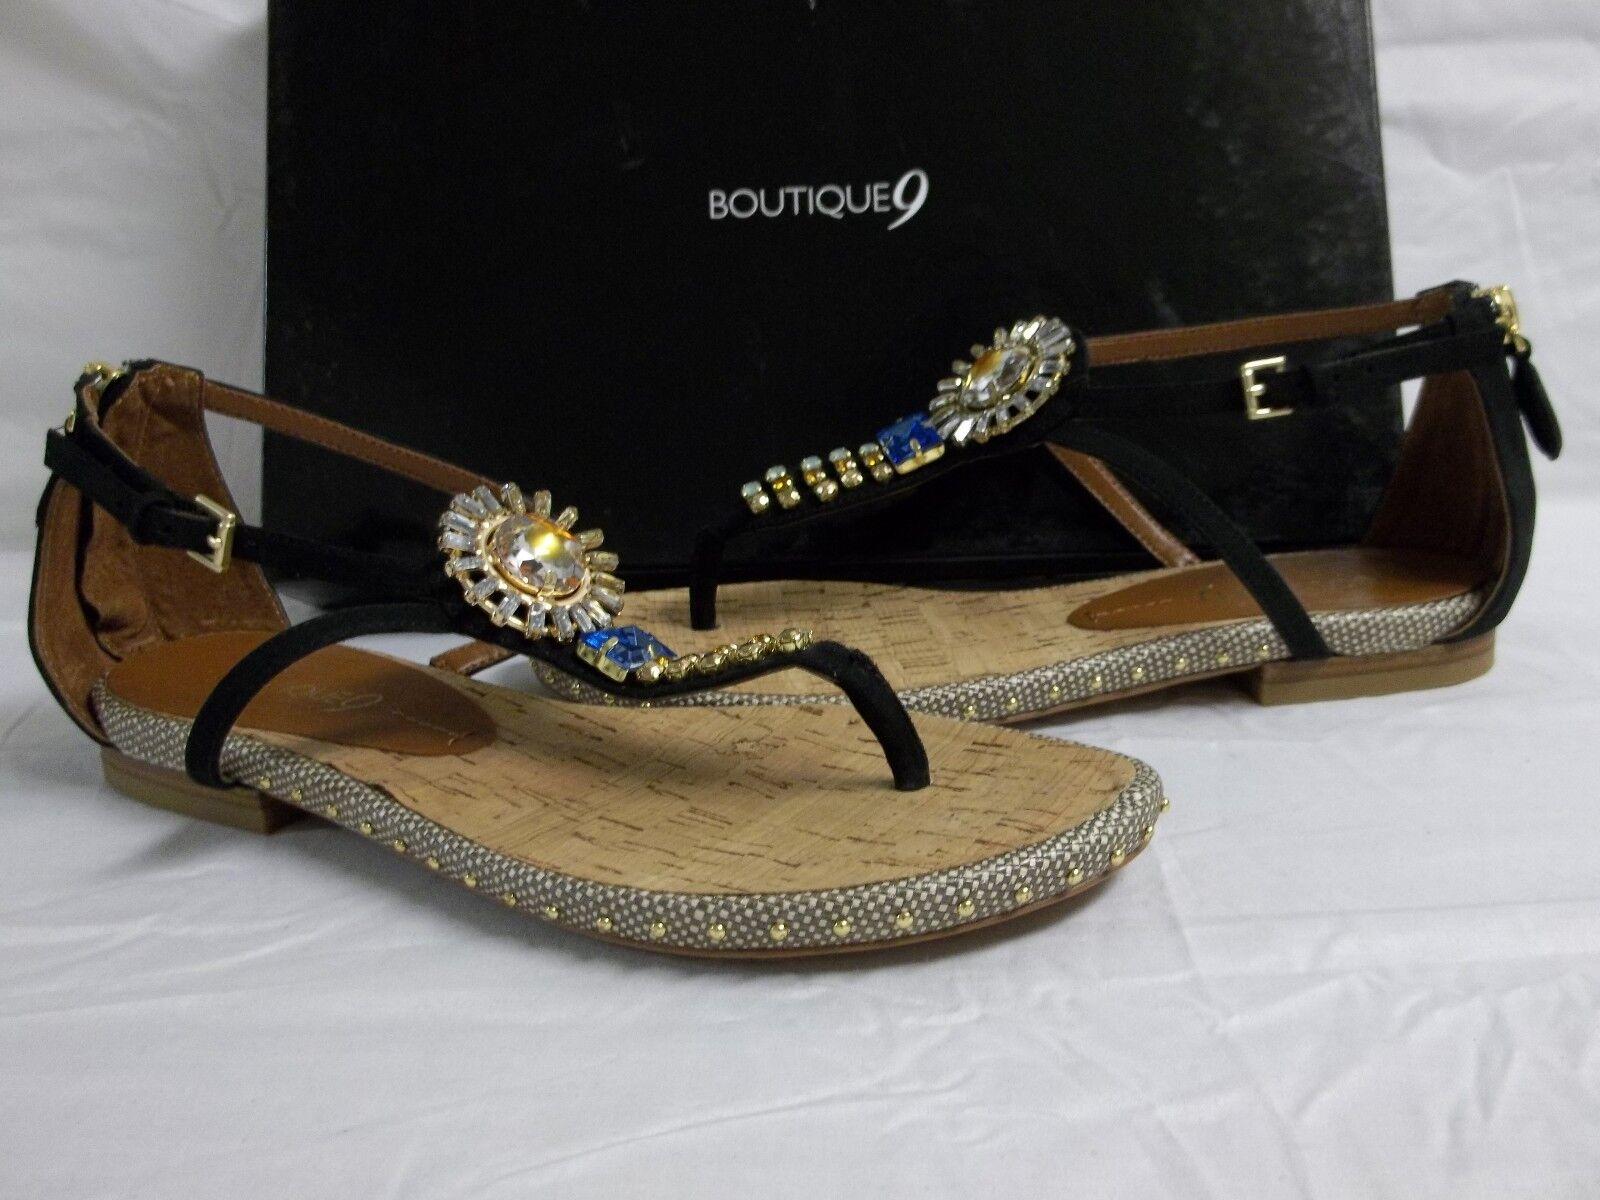 servicio de primera clase Boutique 9 M Mix Mix Mix It Up Negro Correa de Cuero Nobuck Sandalias nuevo Zapatos para mujer  suministramos lo mejor